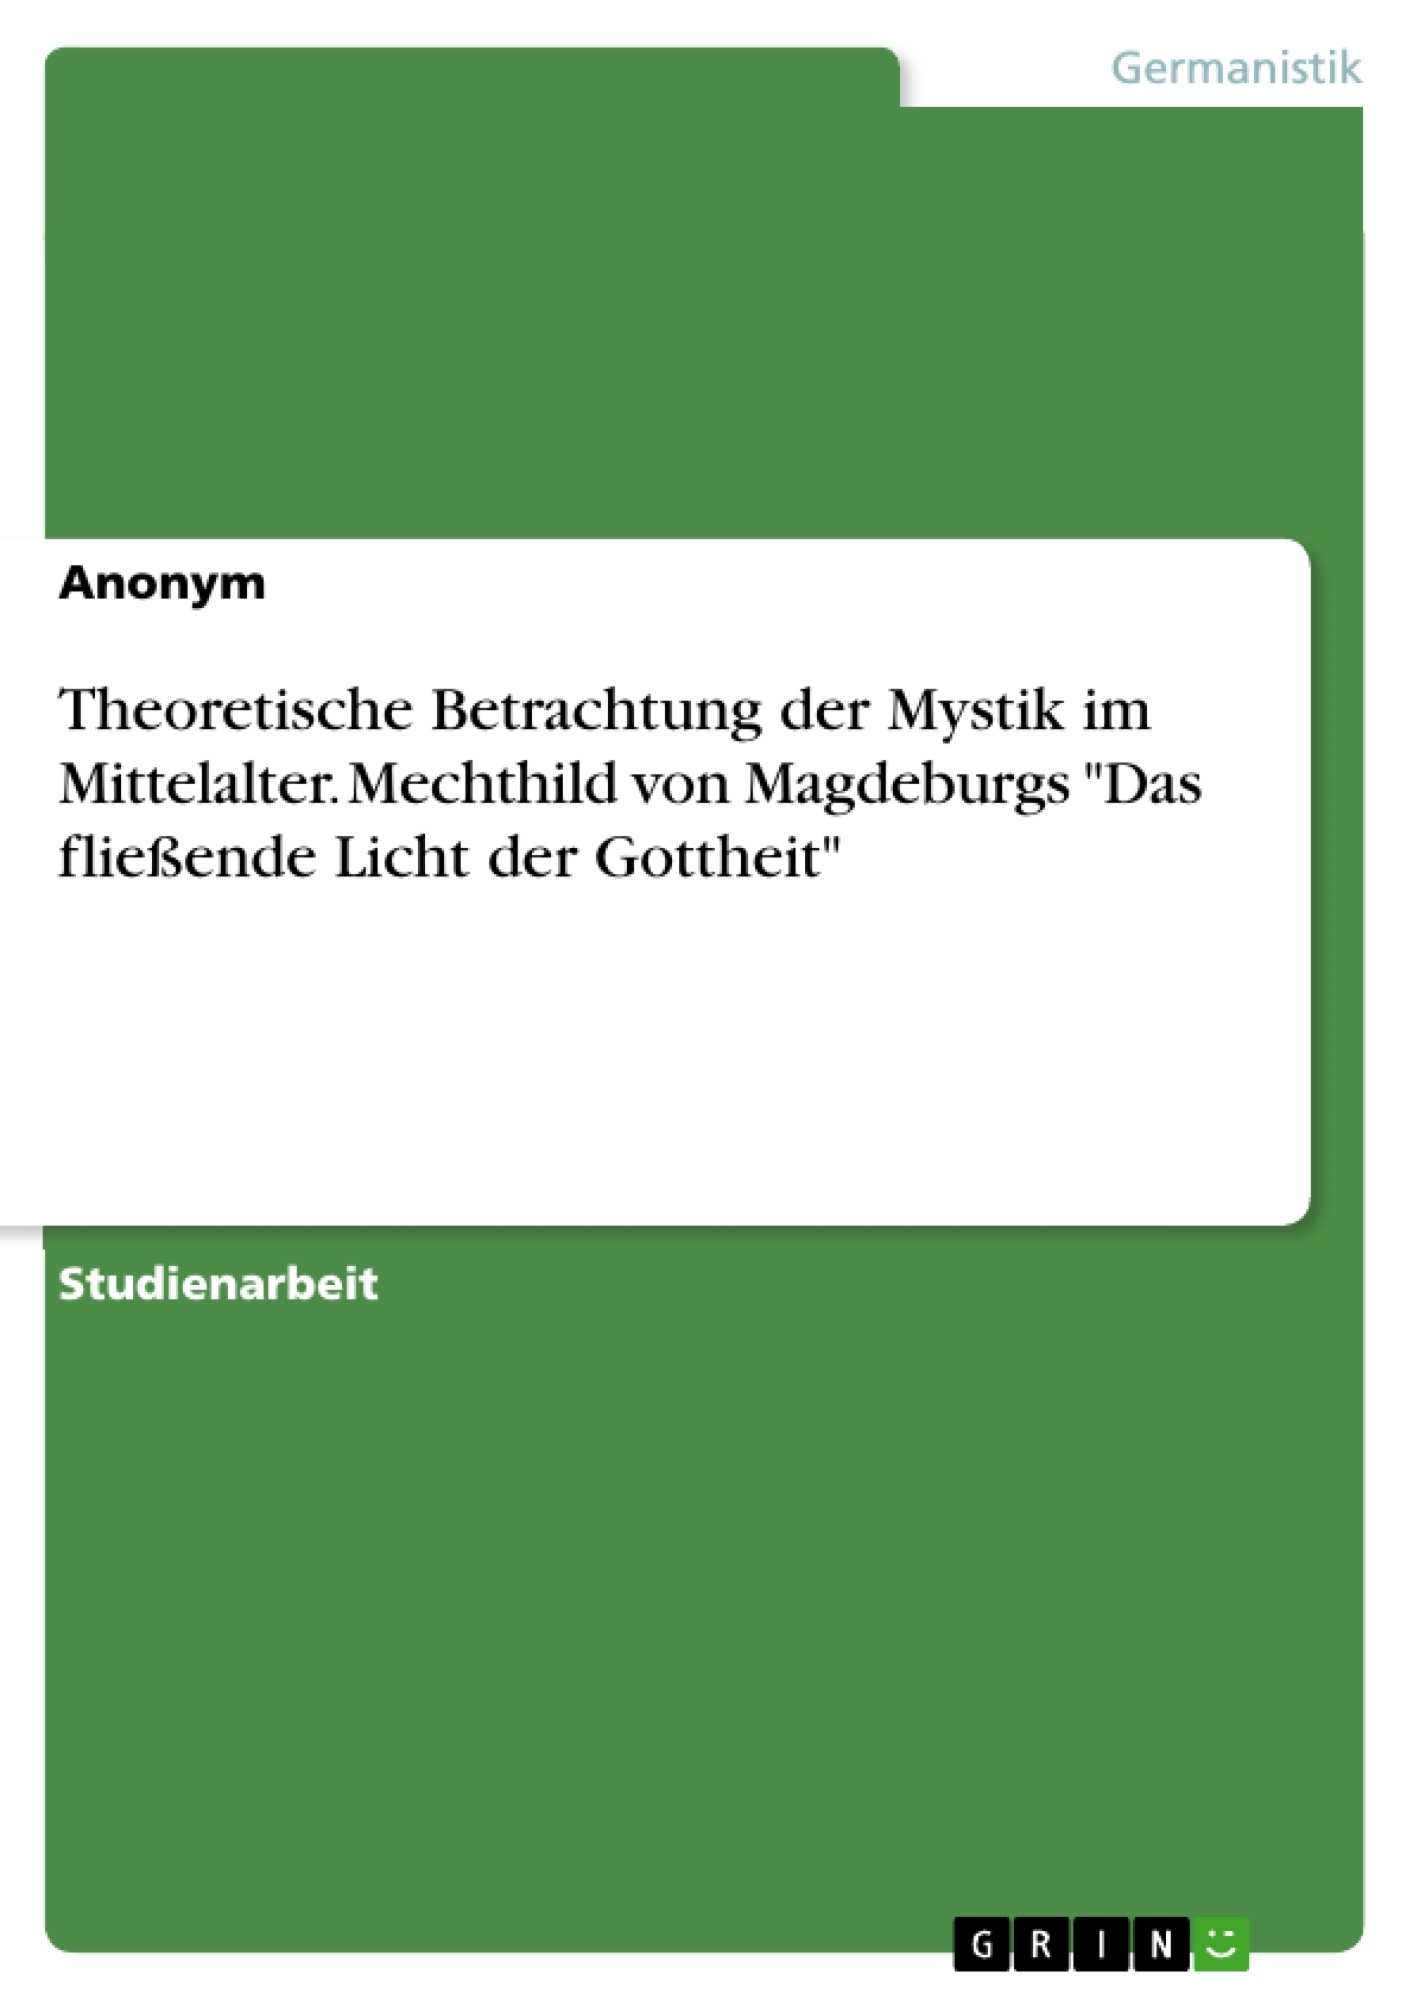 """Titel: Theoretische Betrachtung der Mystik im Mittelalter. Mechthild von Magdeburgs """"Das fließende Licht der Gottheit"""""""